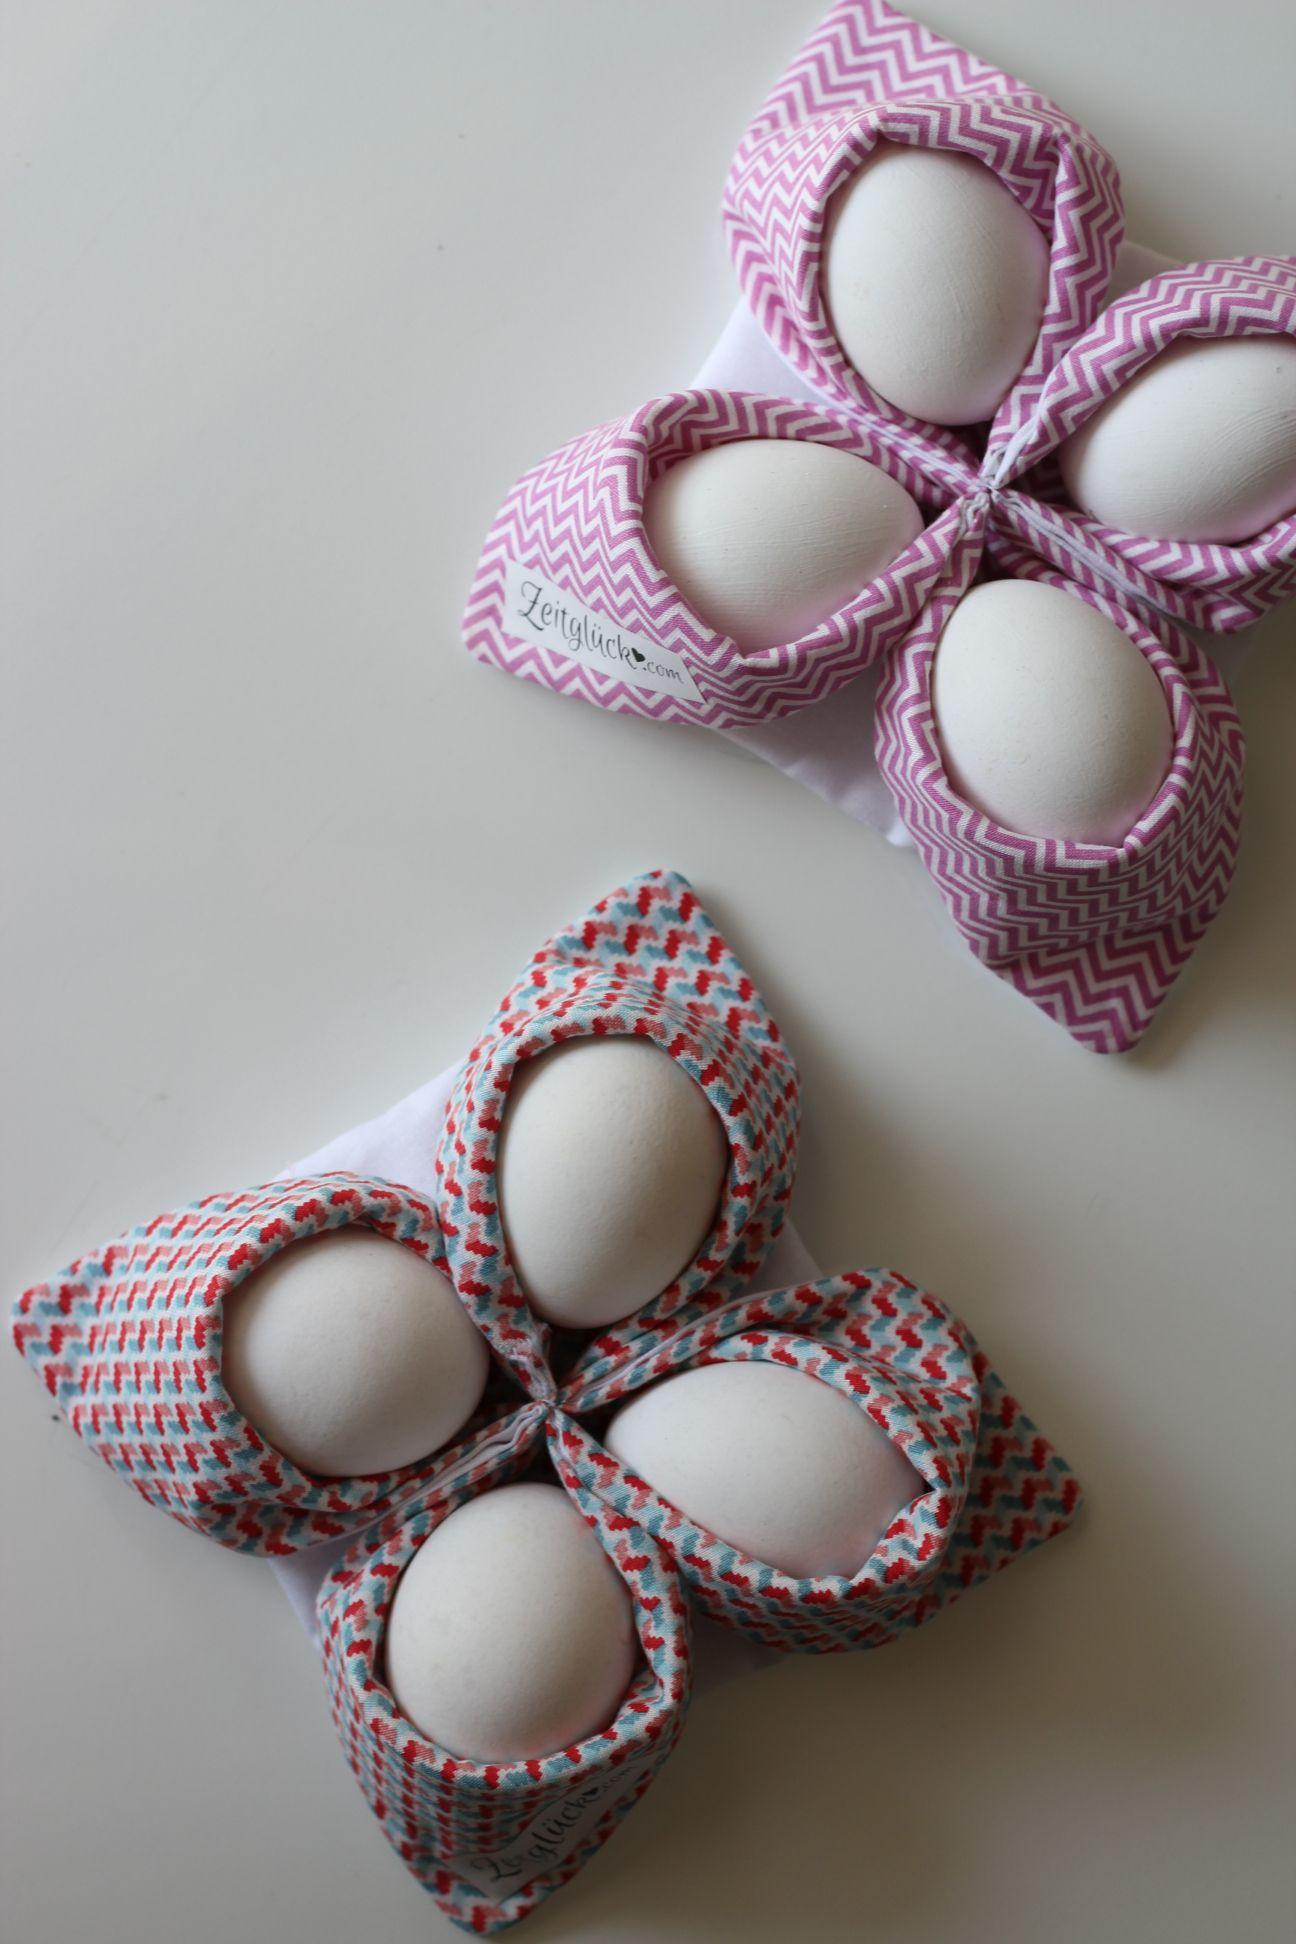 Eierkorb nähen | Halt mich, Sonntag und Präsentieren